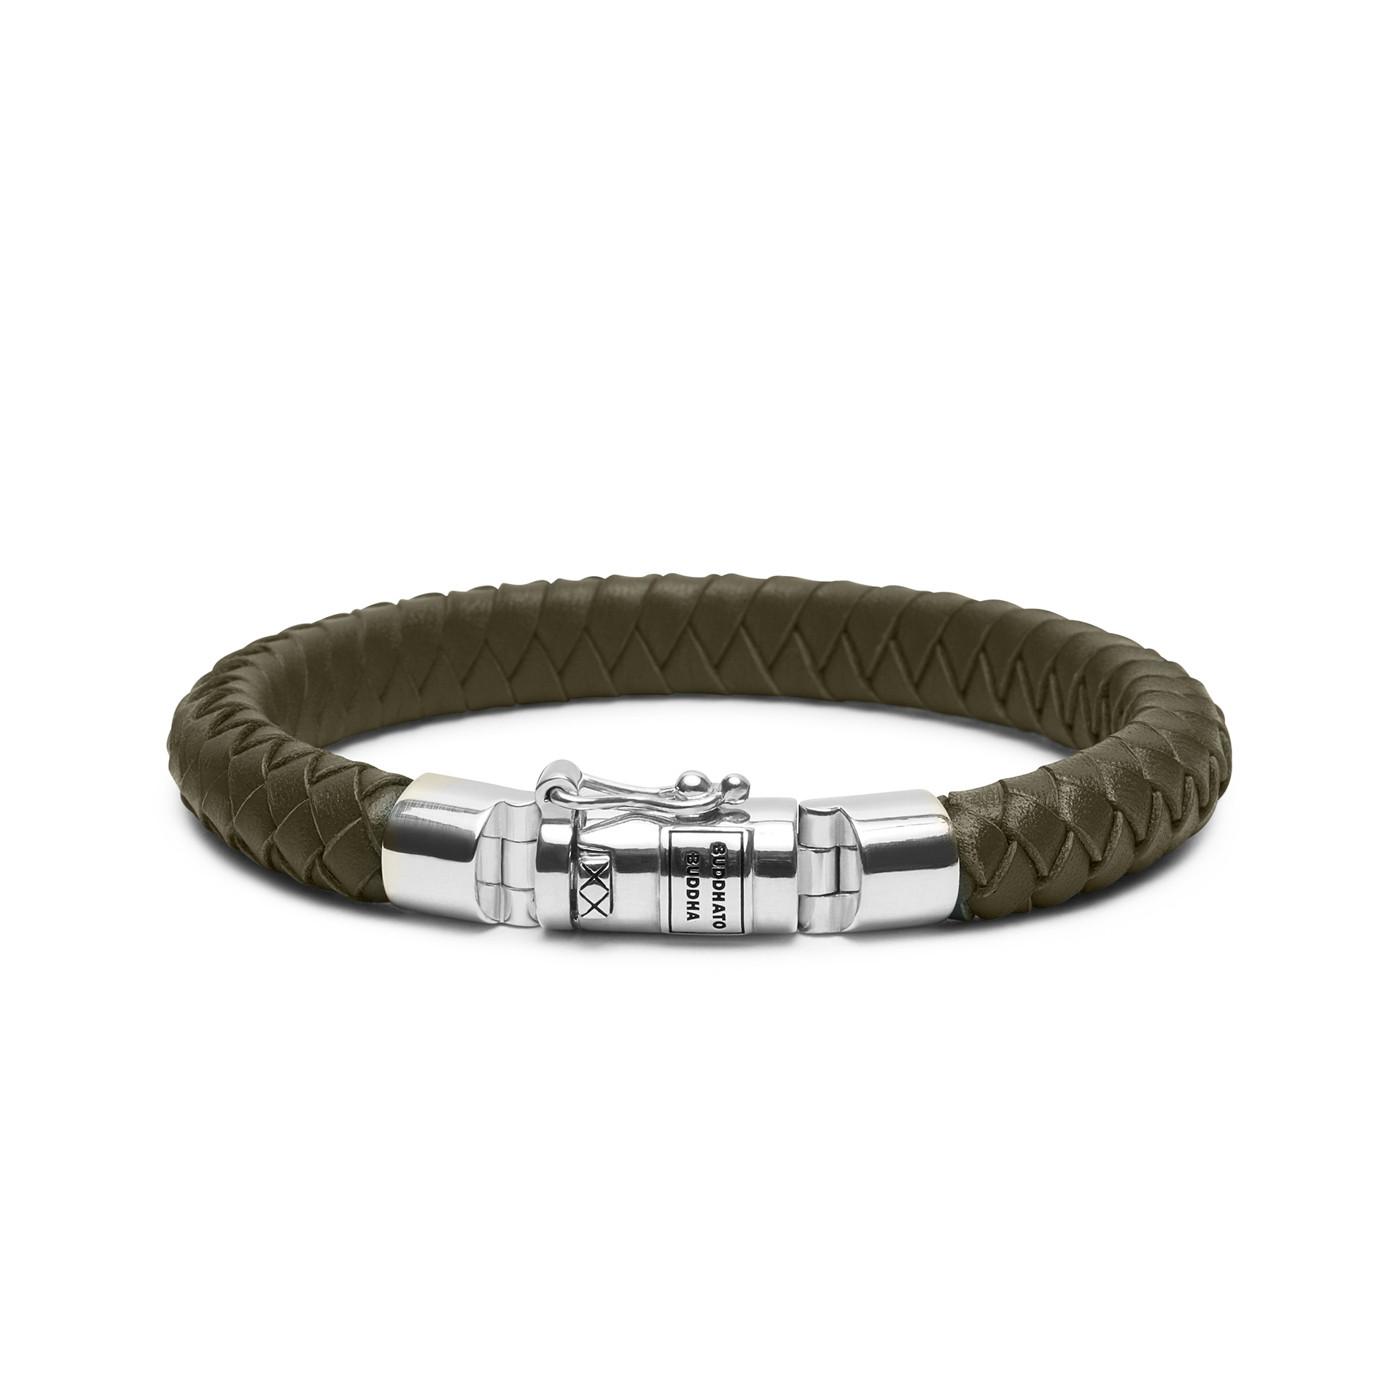 Buddha to Buddha Ben Small Leather Olive Armband 180OL (Lengte: 18.00-23.00 cm)